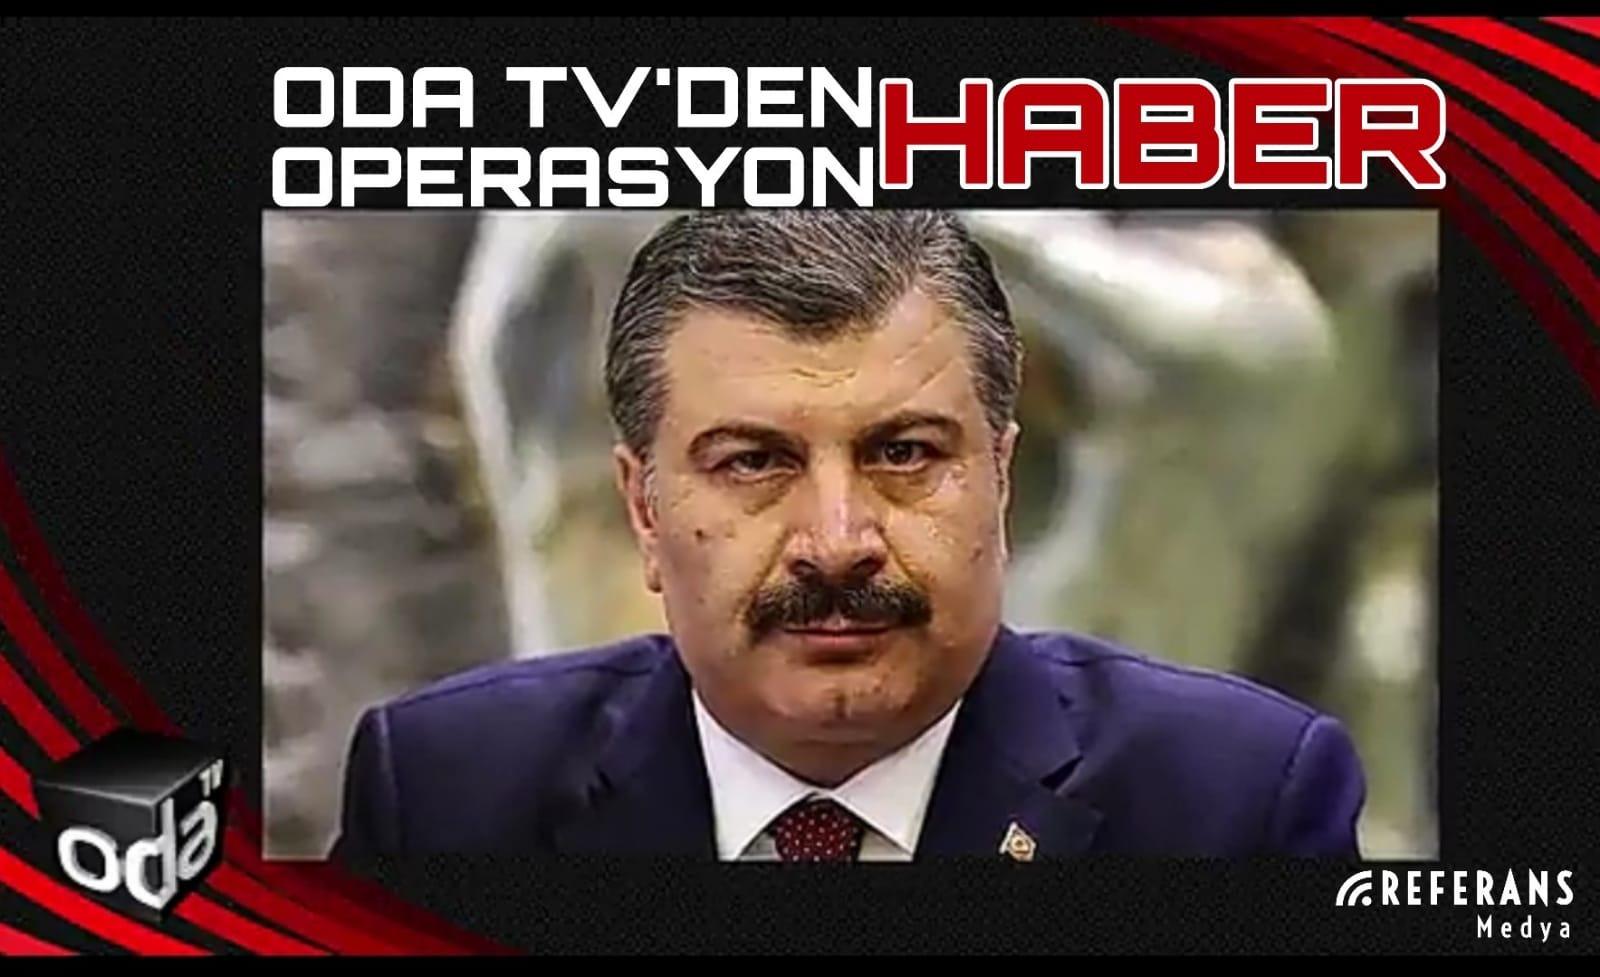 Oda Tv'den operasyon haber